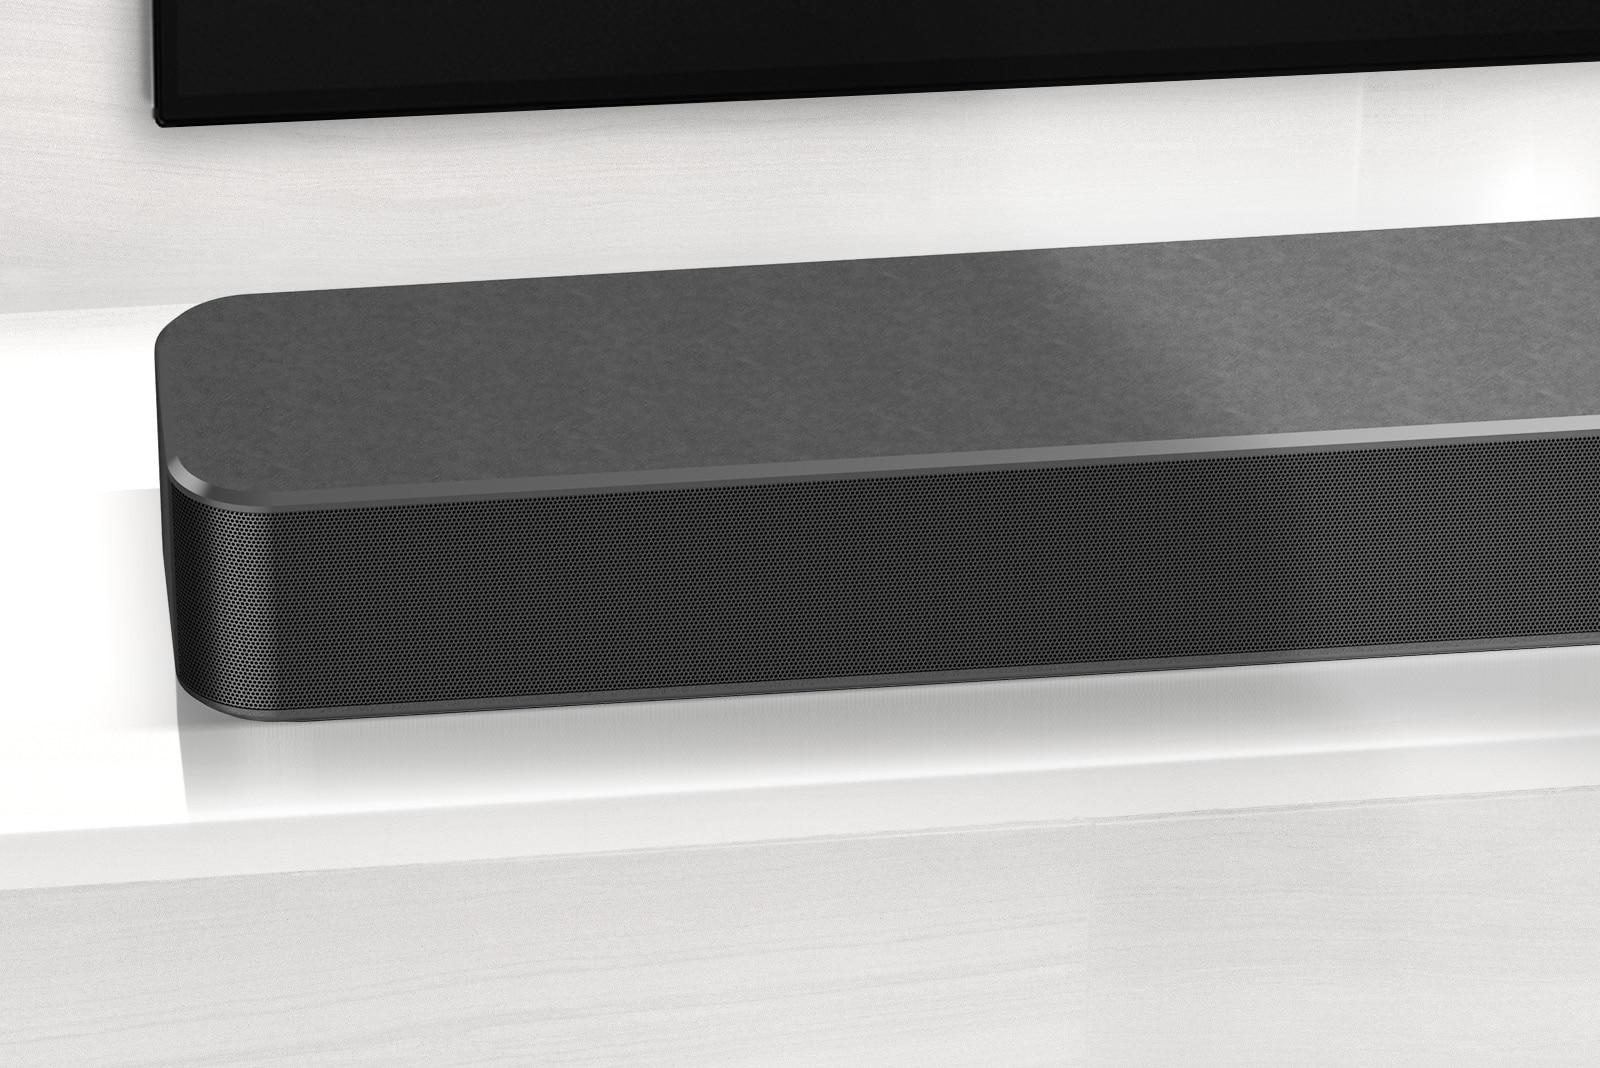 Prikaz izbliza zvučnika LG Sound Bar iz lijevog kuta. Vidljiva je i donja lijeva strana televizora.